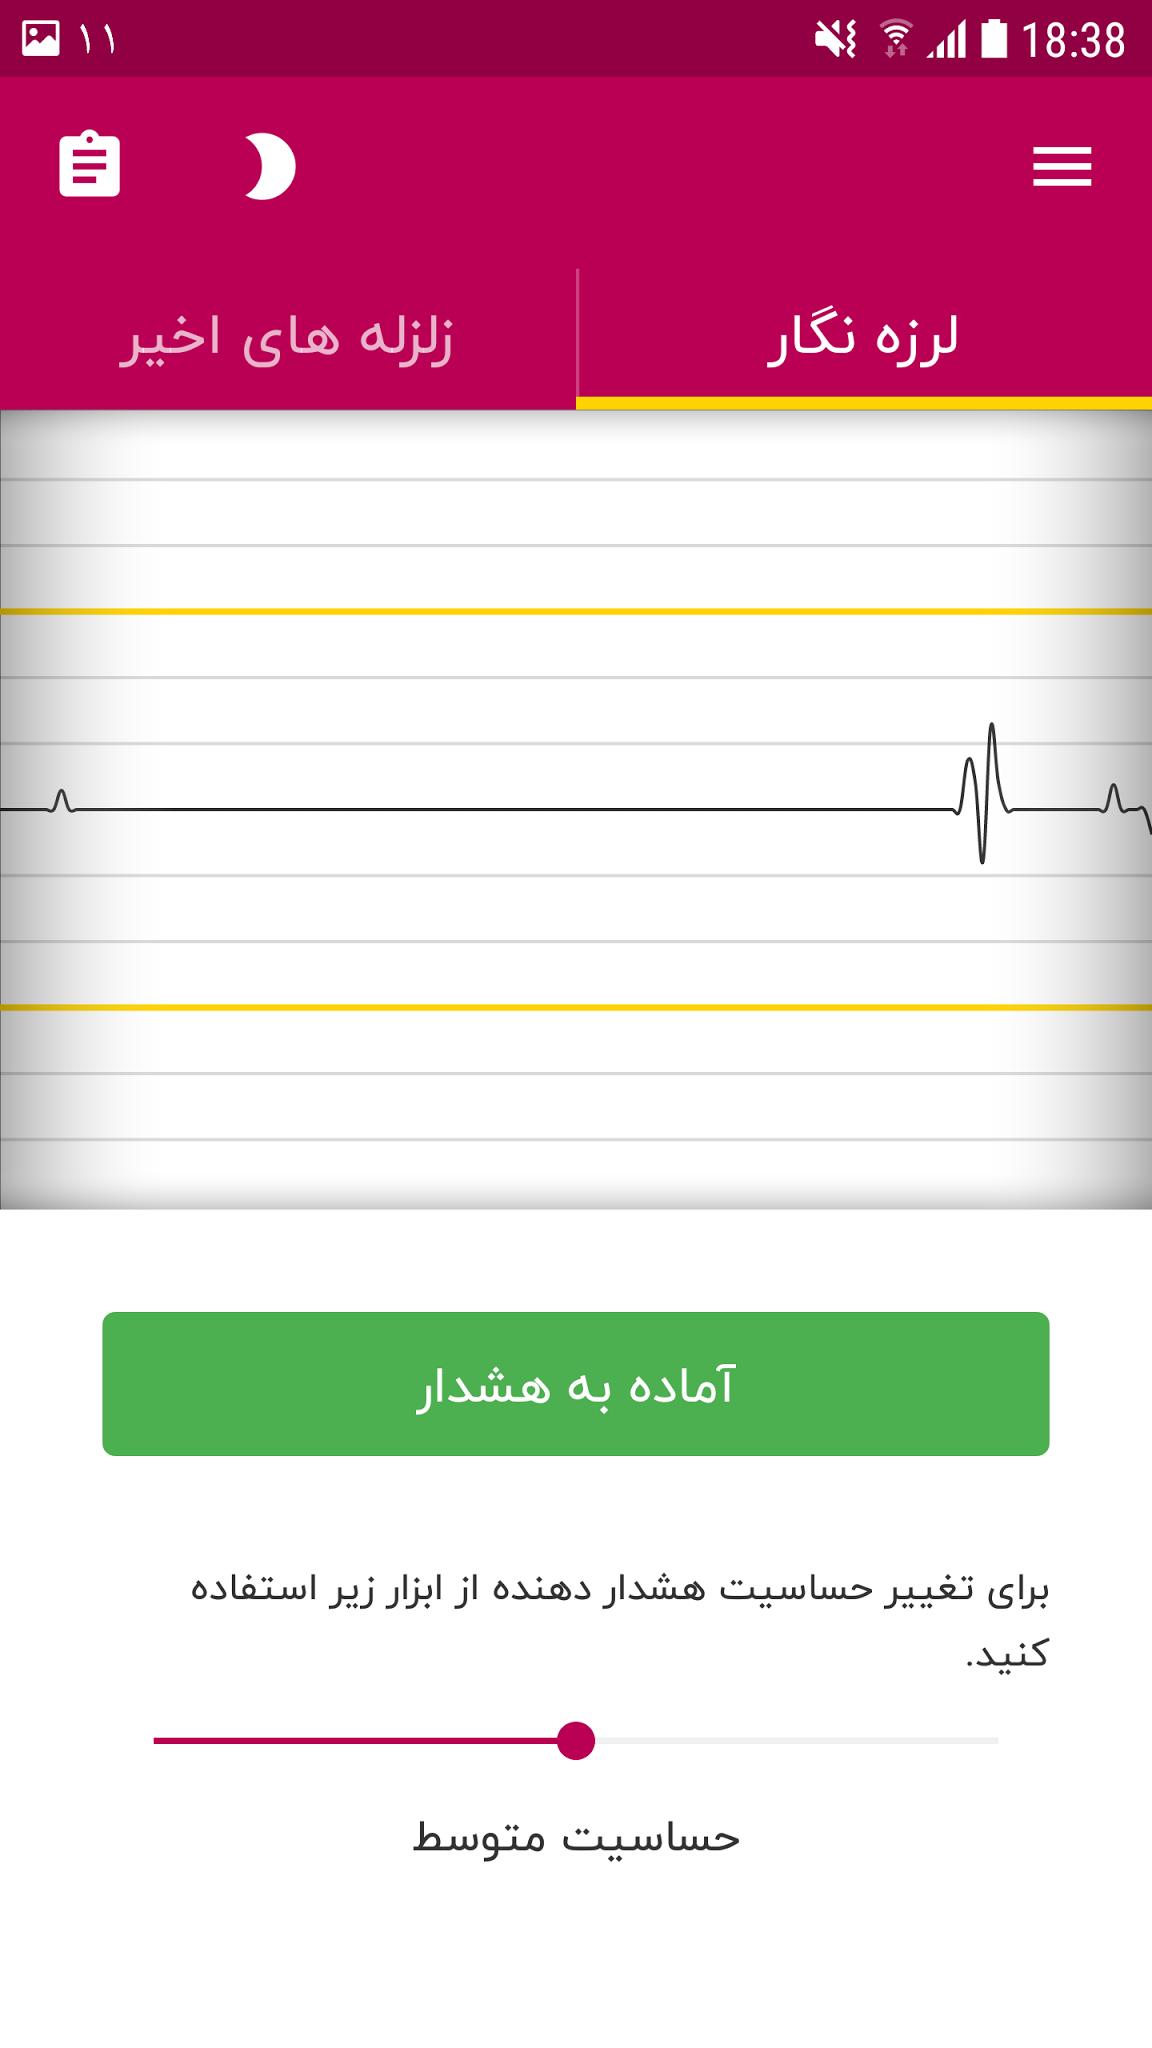 تصویر 3 زلزله نگار